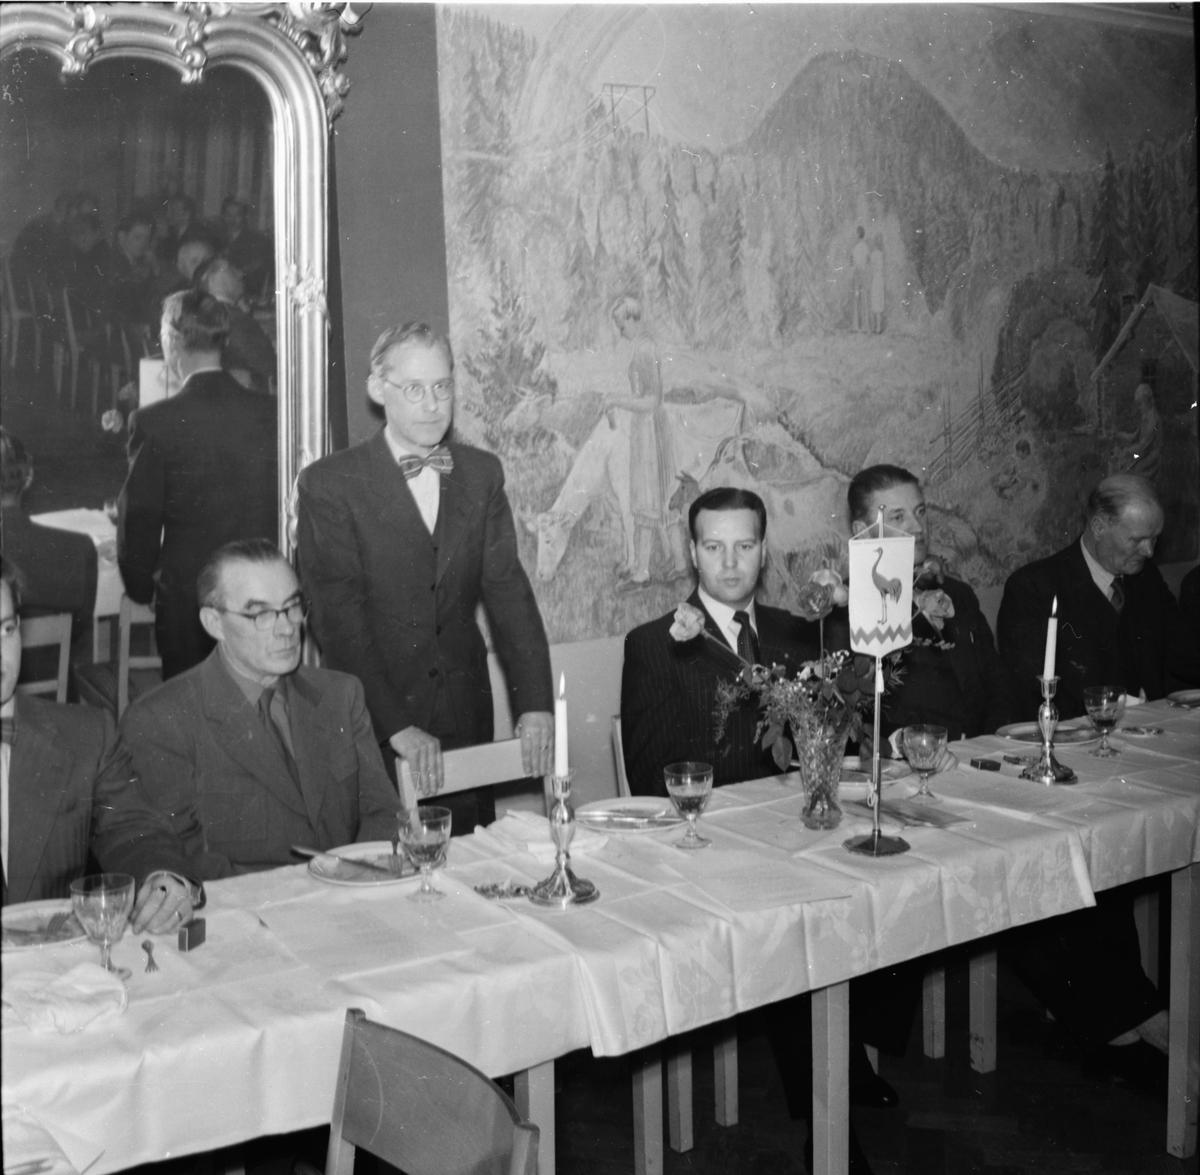 Taklagsfest på restaurang Rehngården. Bollnäs